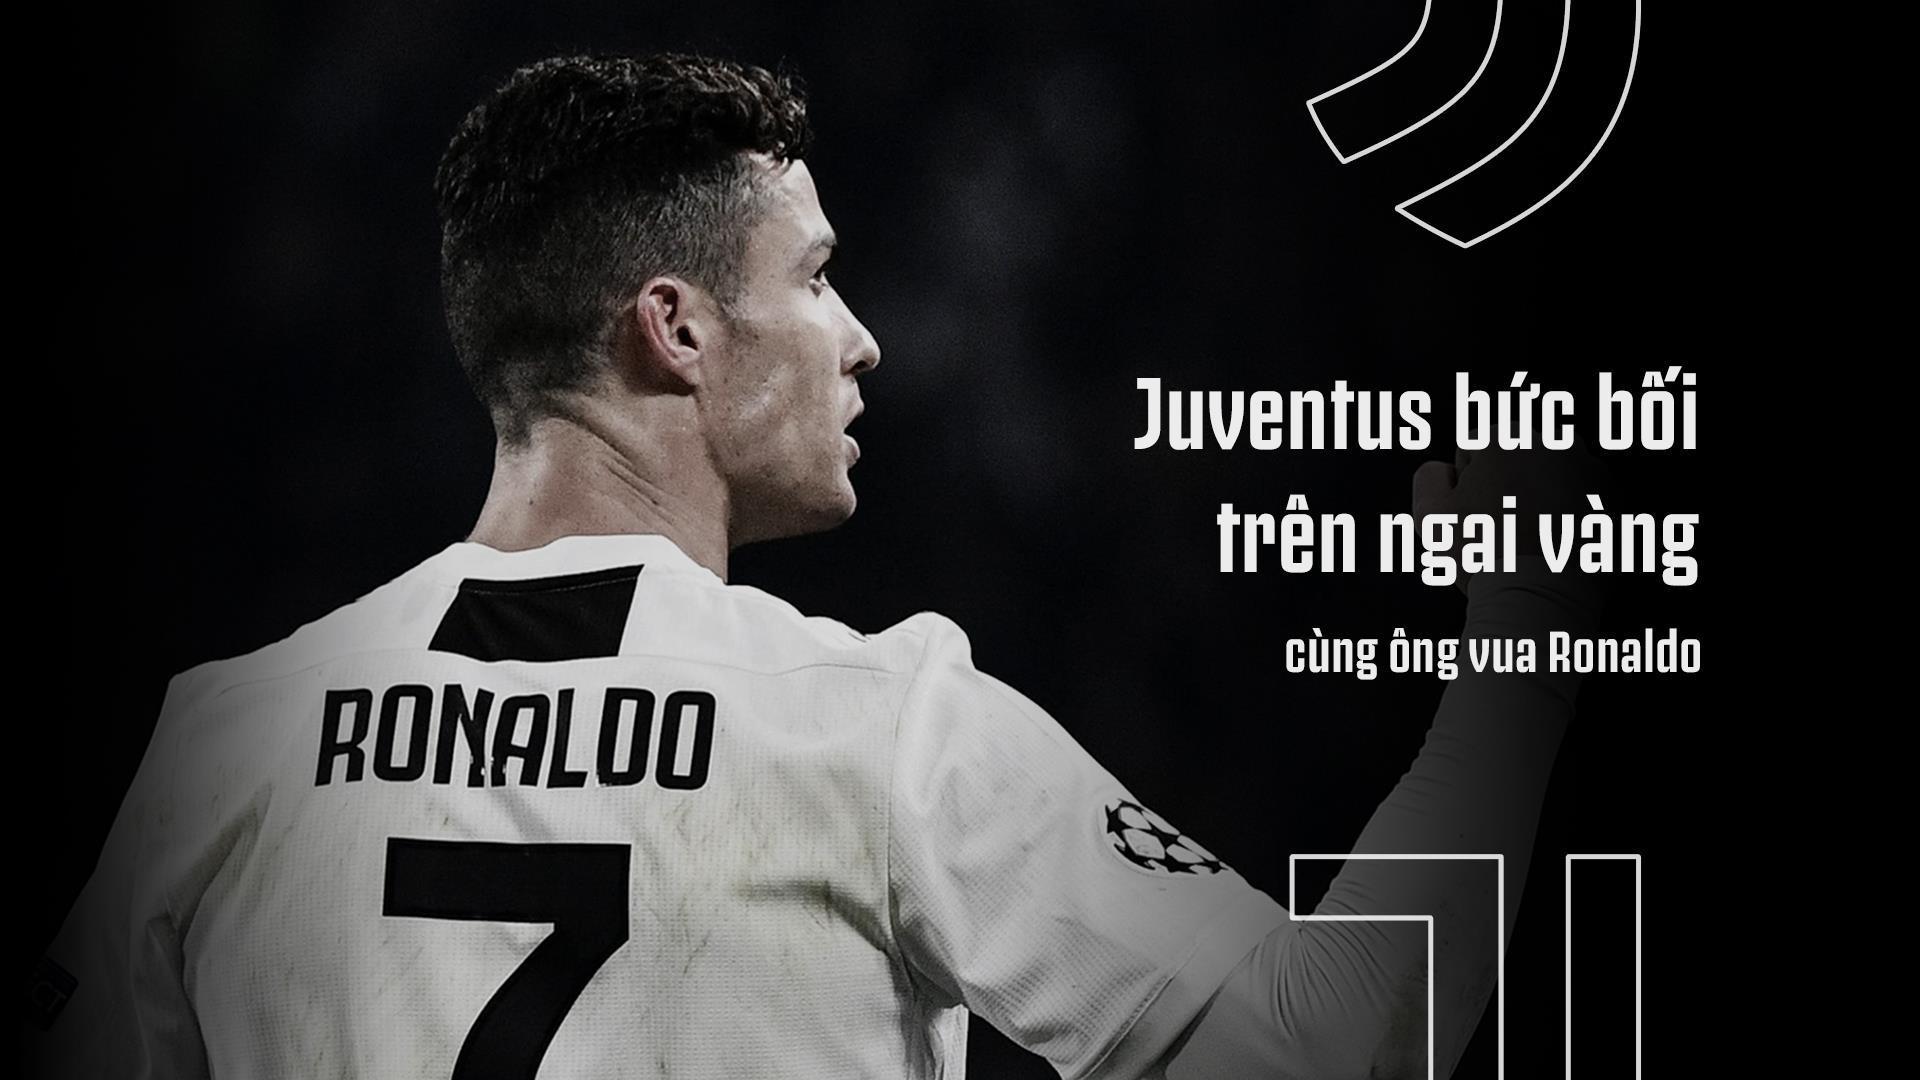 Juventus buc boi tren ngai vang cung ong vua Ronaldo hinh anh 2